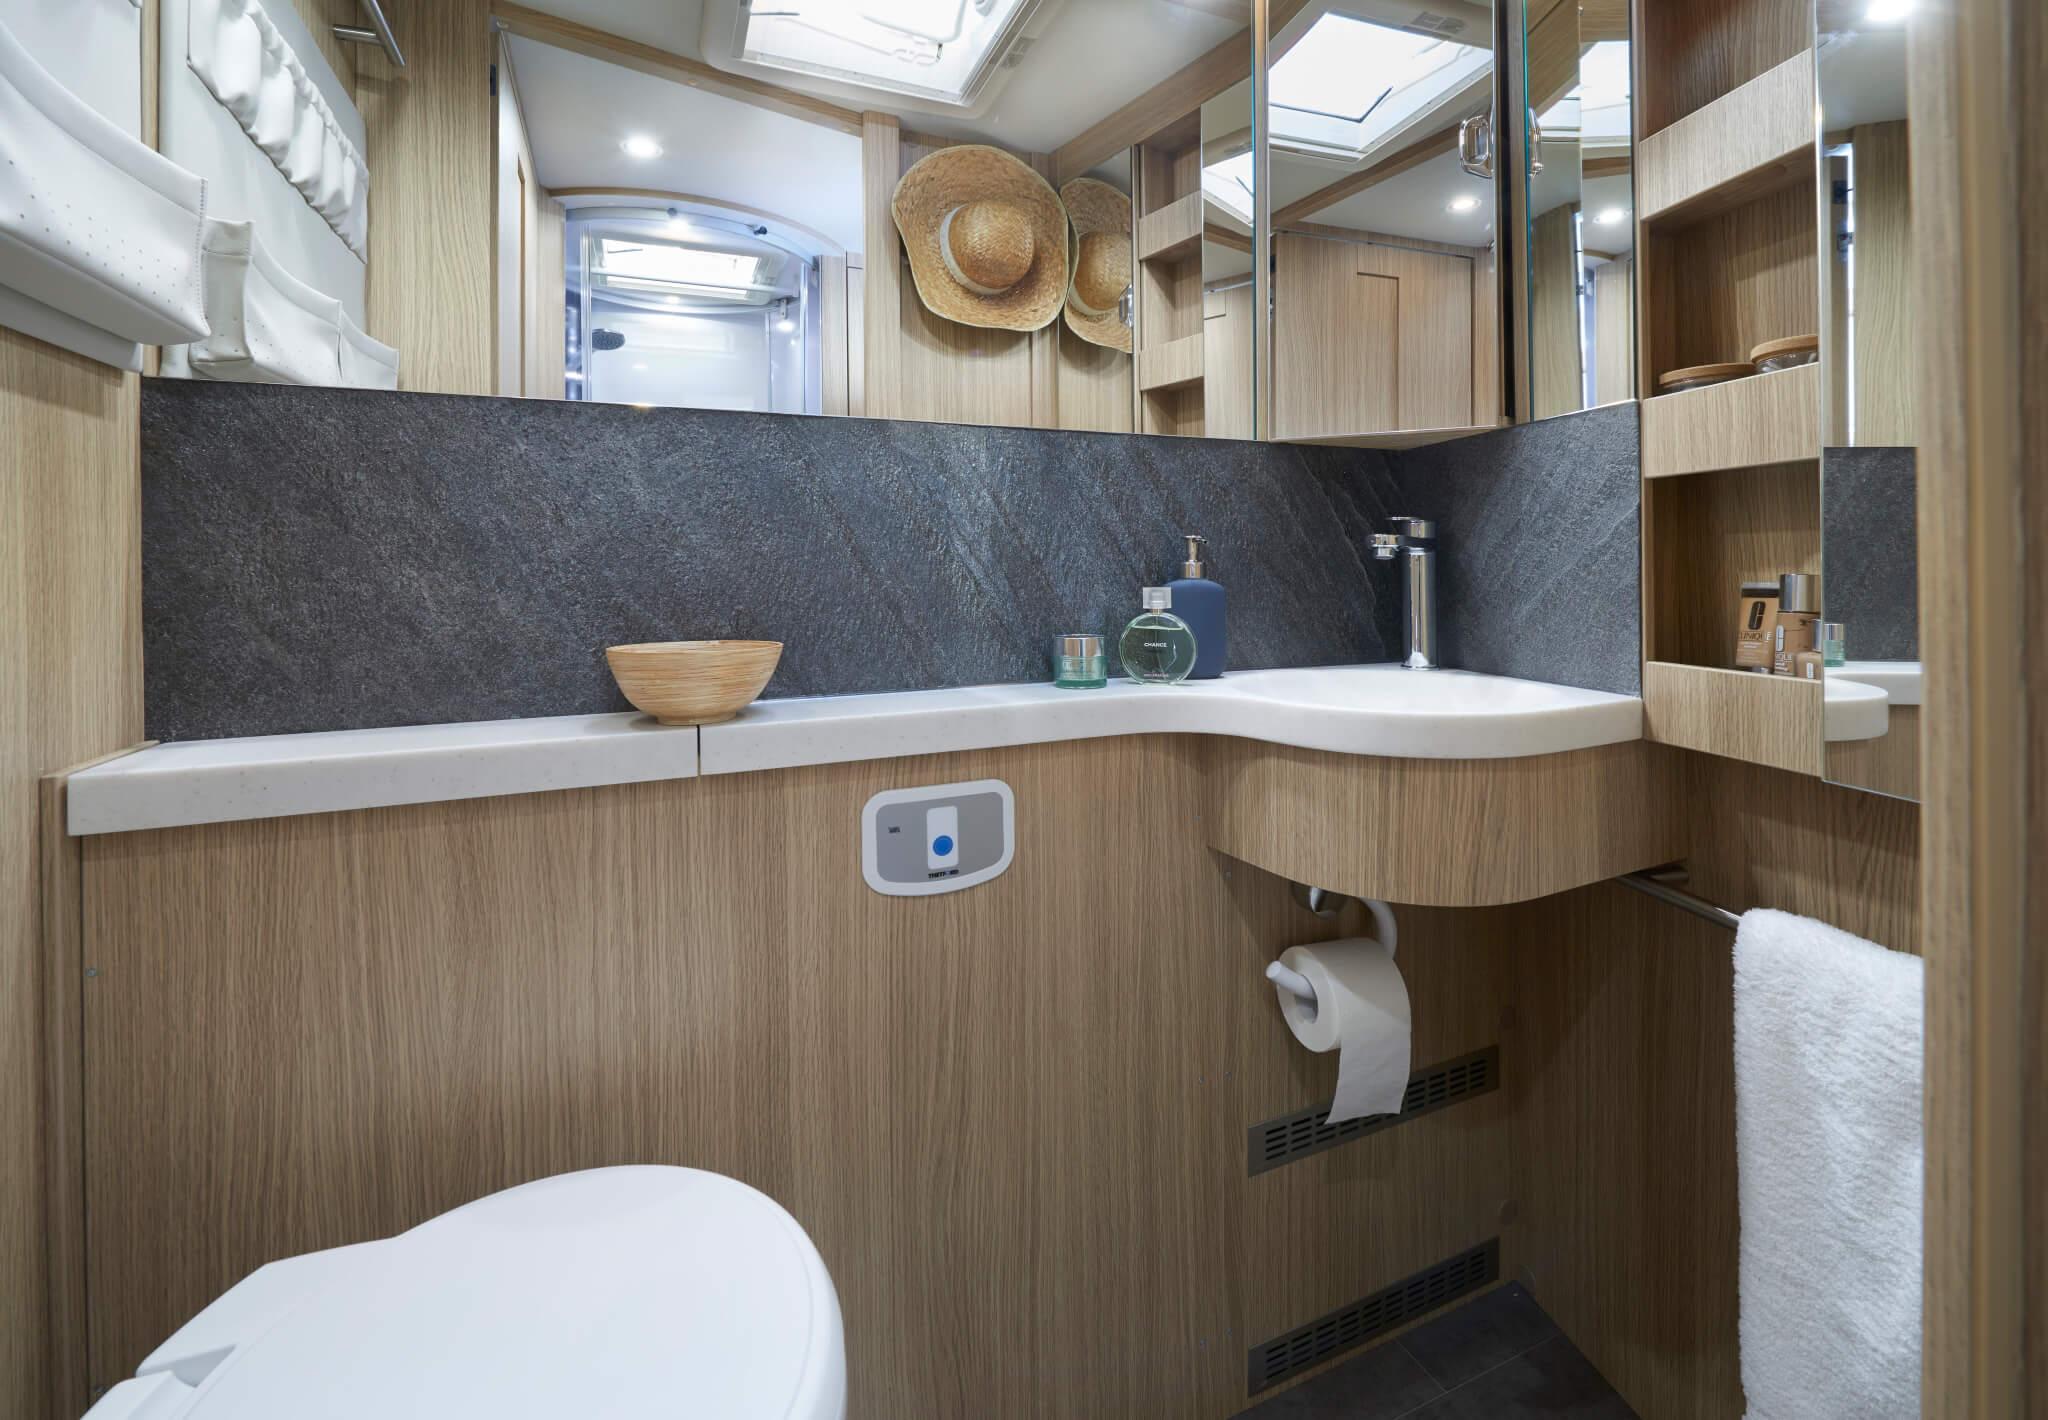 NIESMANN+BISCHOFF - Arto - Nouvelle implantation  Arto 82 E - Salle de bain